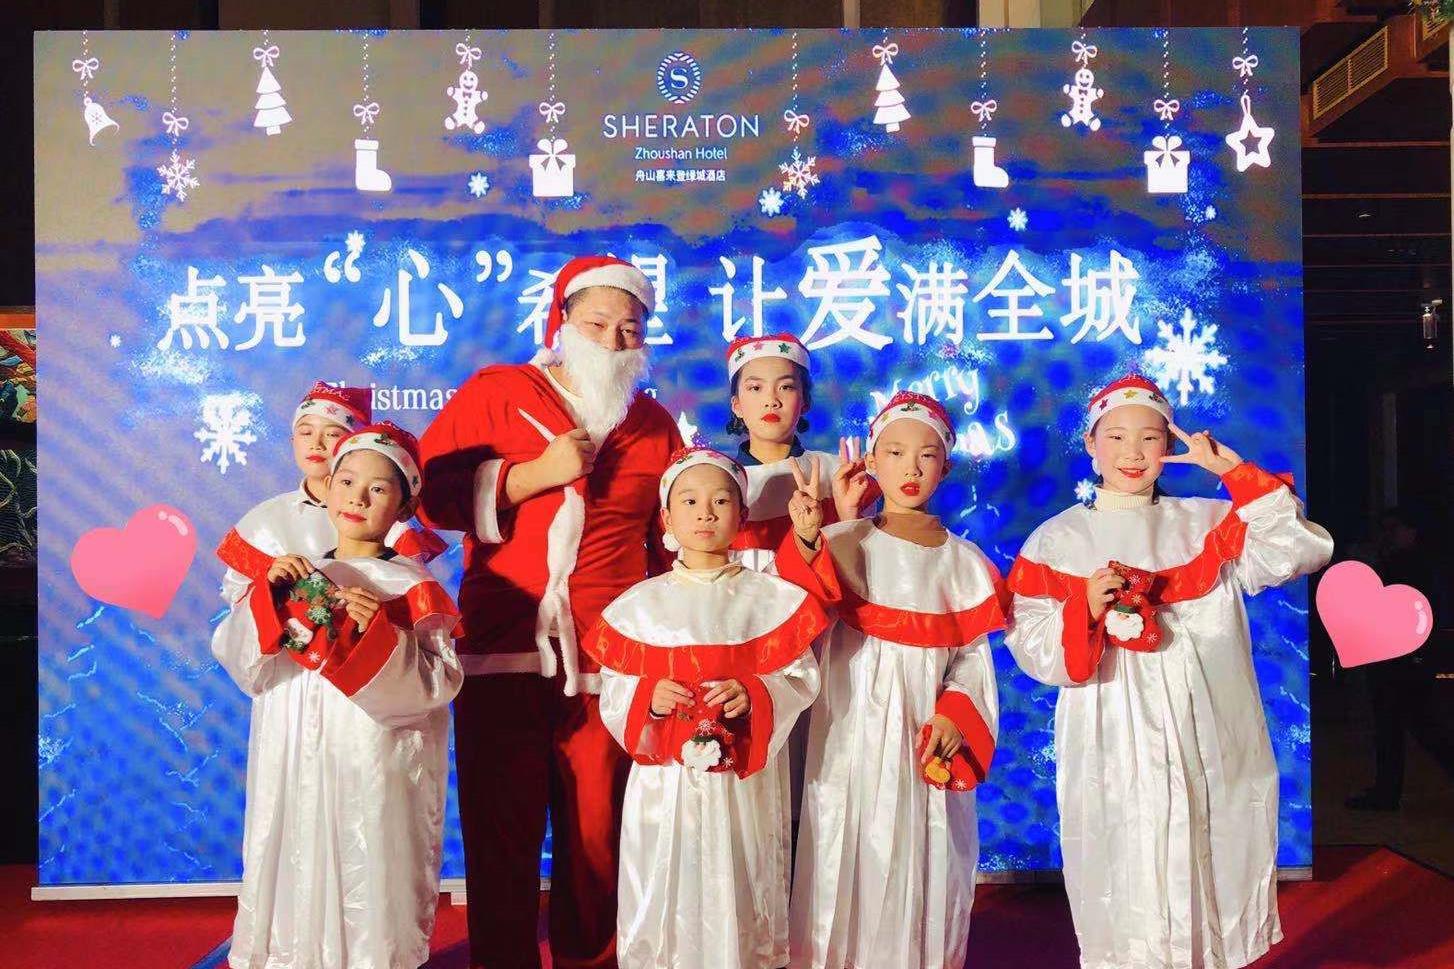 舟山喜来登绿城酒店:喜迎圣诞季,点亮「心」希望,让爱满全城